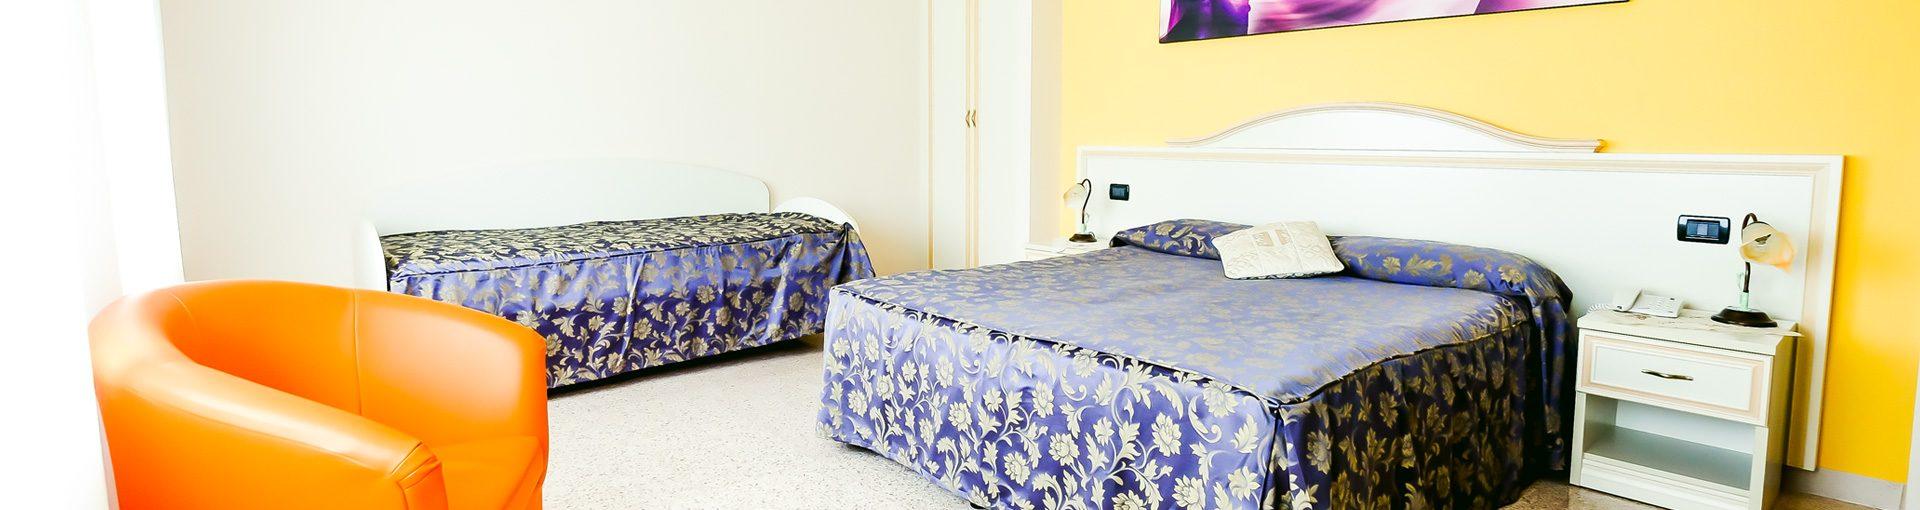 Hotel Mazzocca Caramanico Terme - ideale per vacanze benessere e per ...